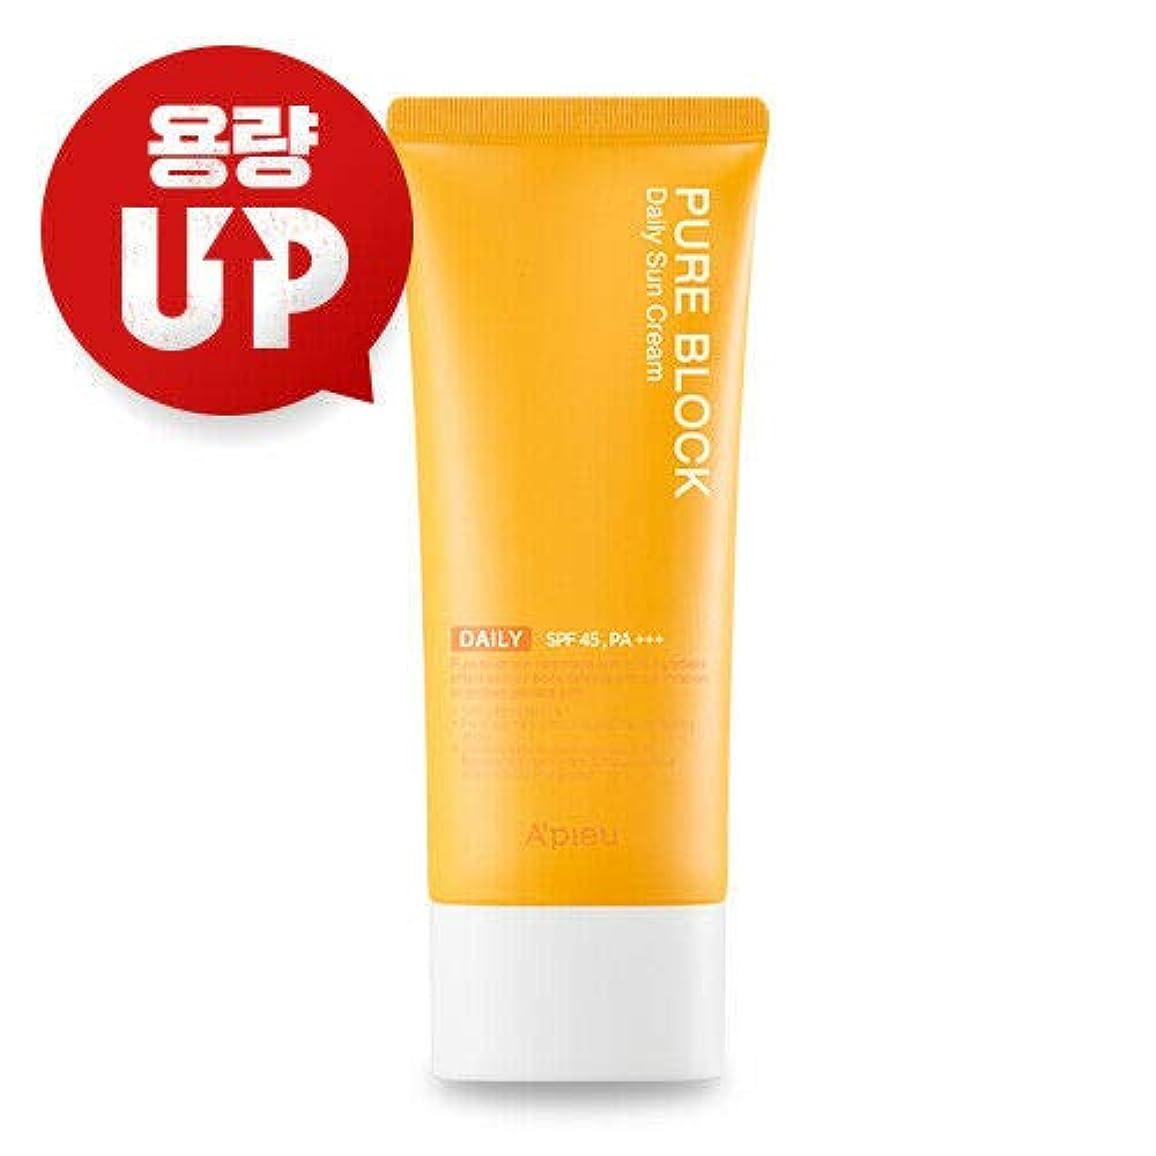 蒸練習密接にA'PIEU オピュ ピュアブロックナチュラル サンクリーム APIEU PURE BLOCK Natural Sun Cream 100ml SPF45/PA+++